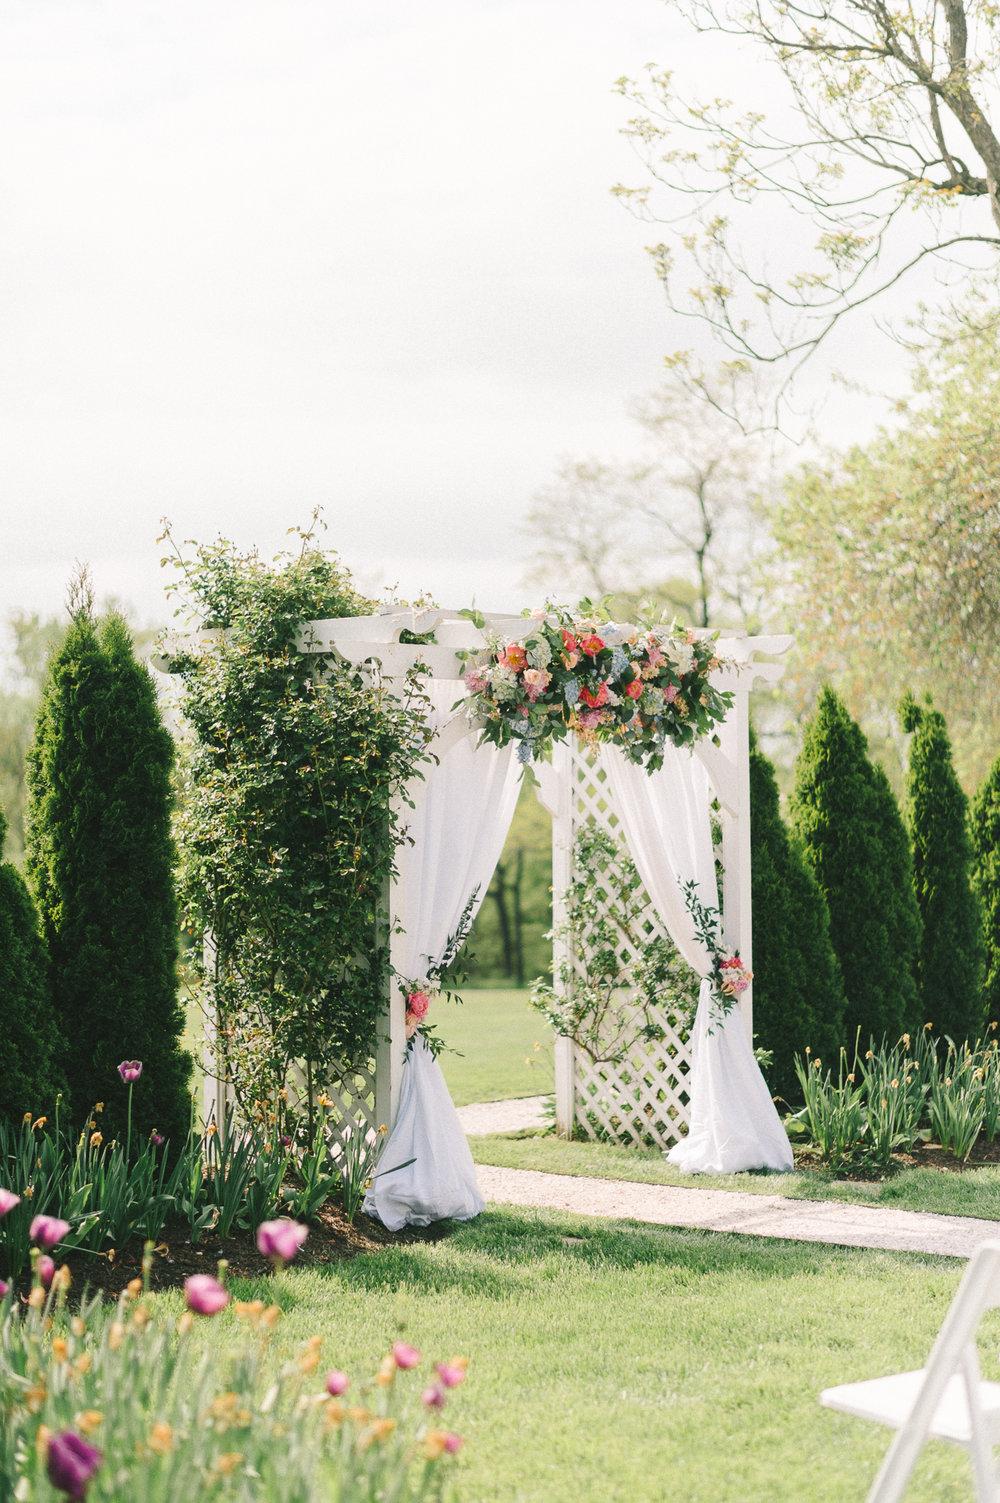 Elizabeth-Fogarty-Wedding-Photography-96.jpg